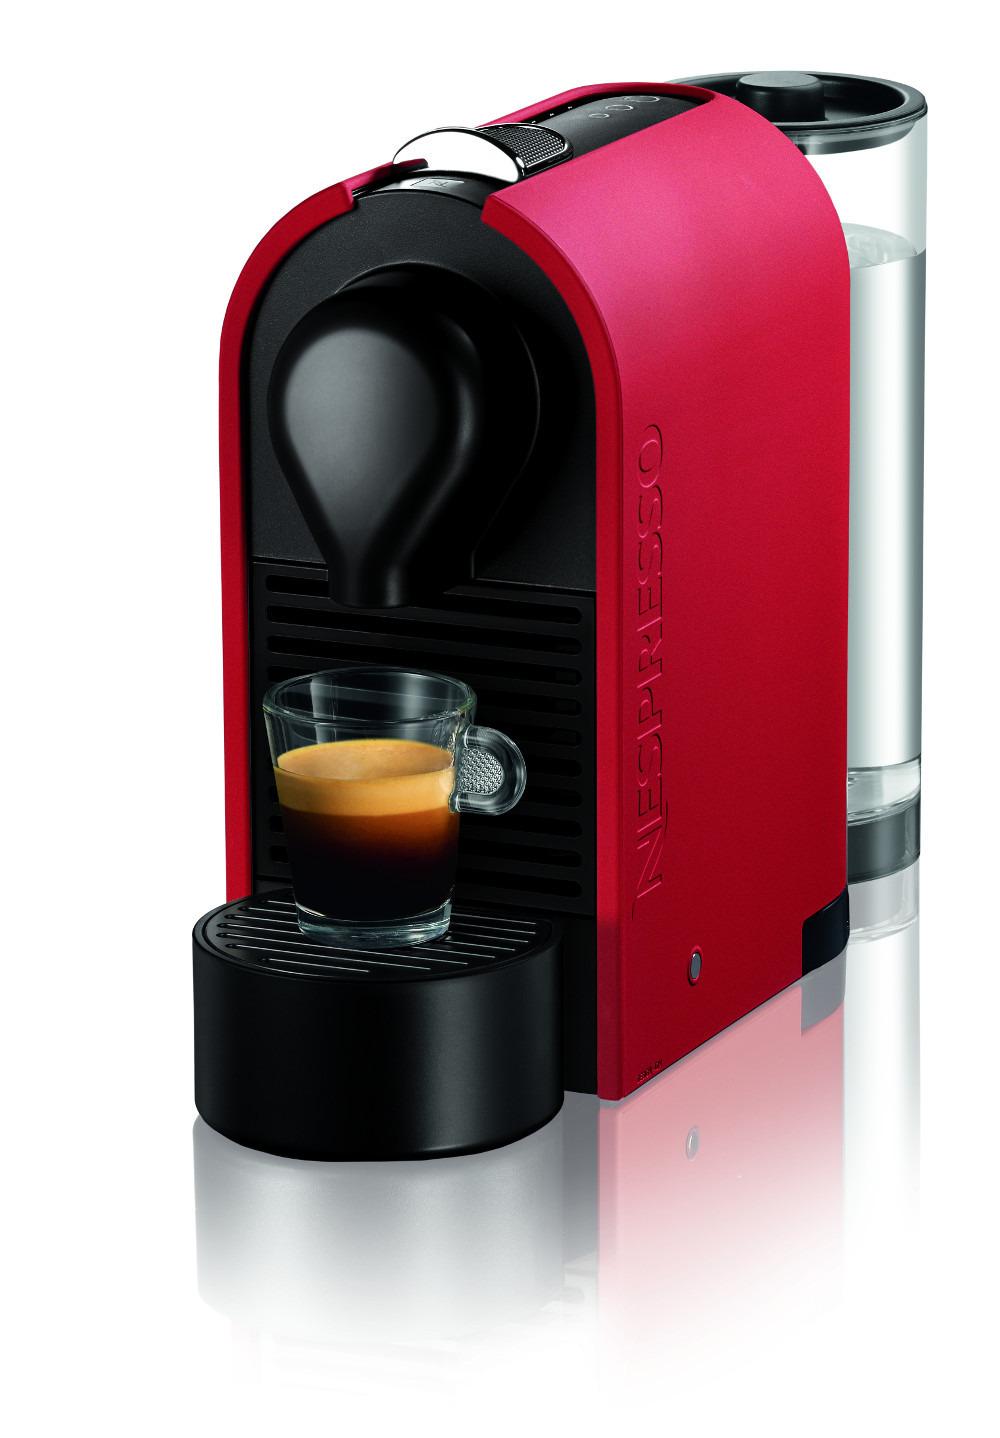 Nespresso nowe ekspresy do kawy umat i umilk for Nespresso firma